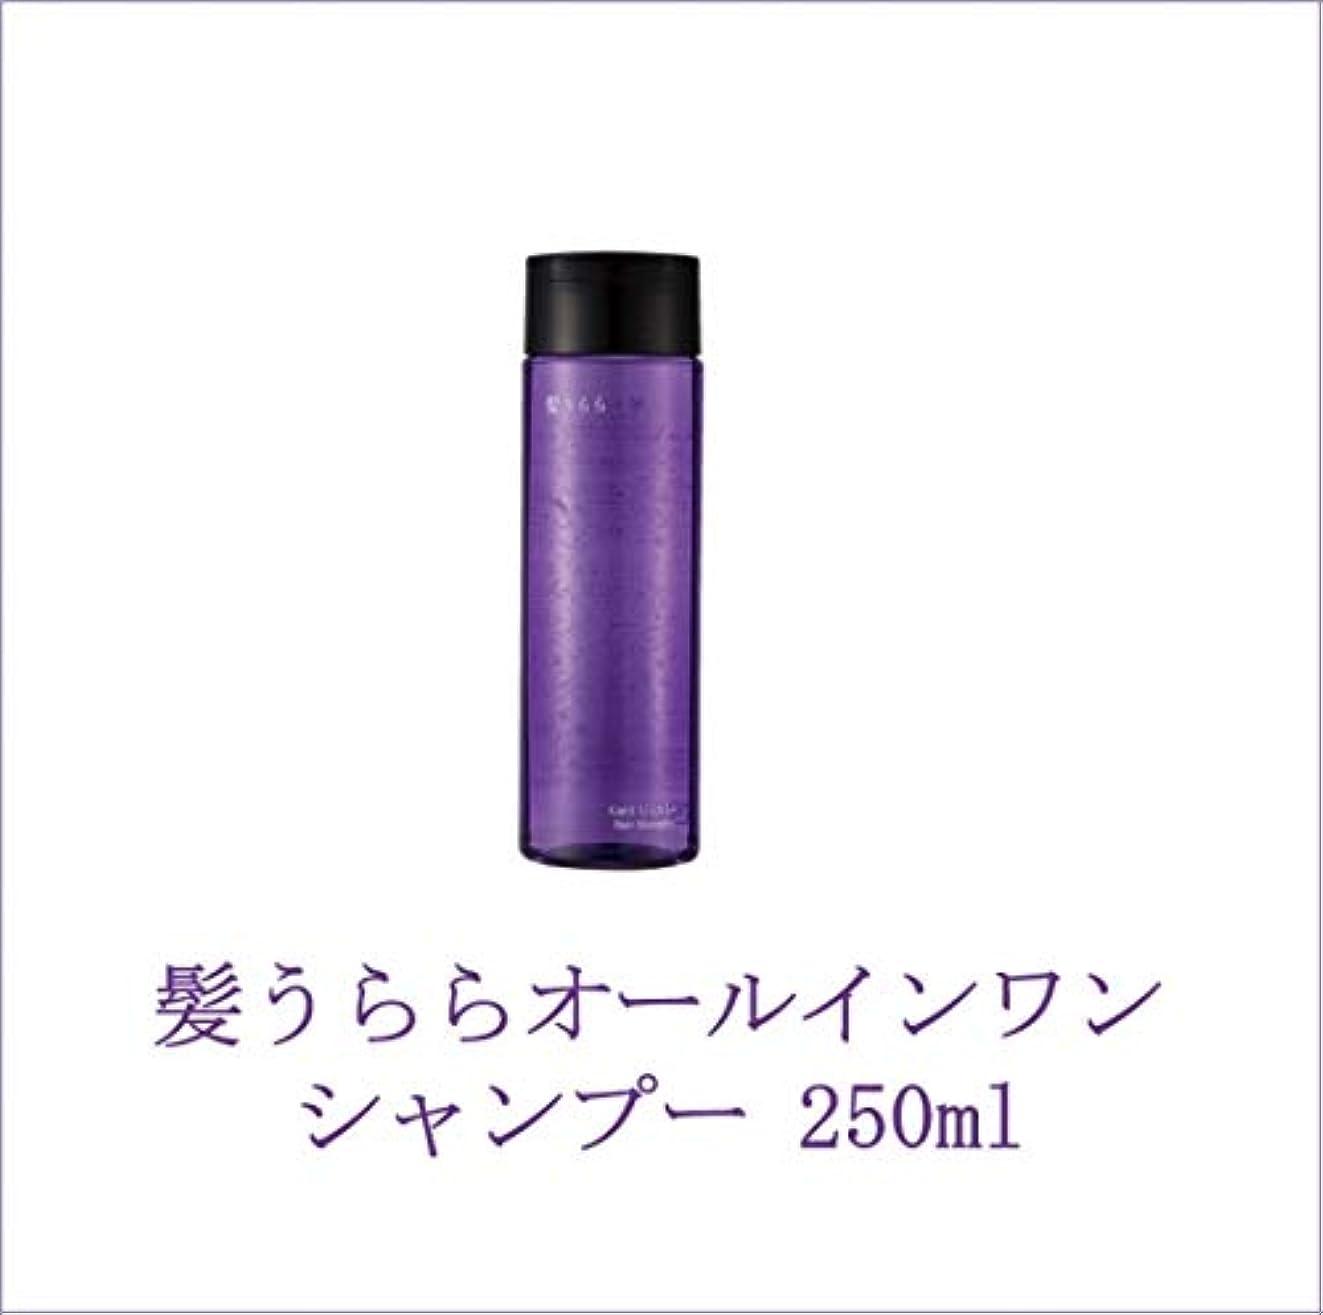 封筒エレベーターコードツヤ髪専用シャンプー 髪うらら オールインワンシャンプー (250ml)